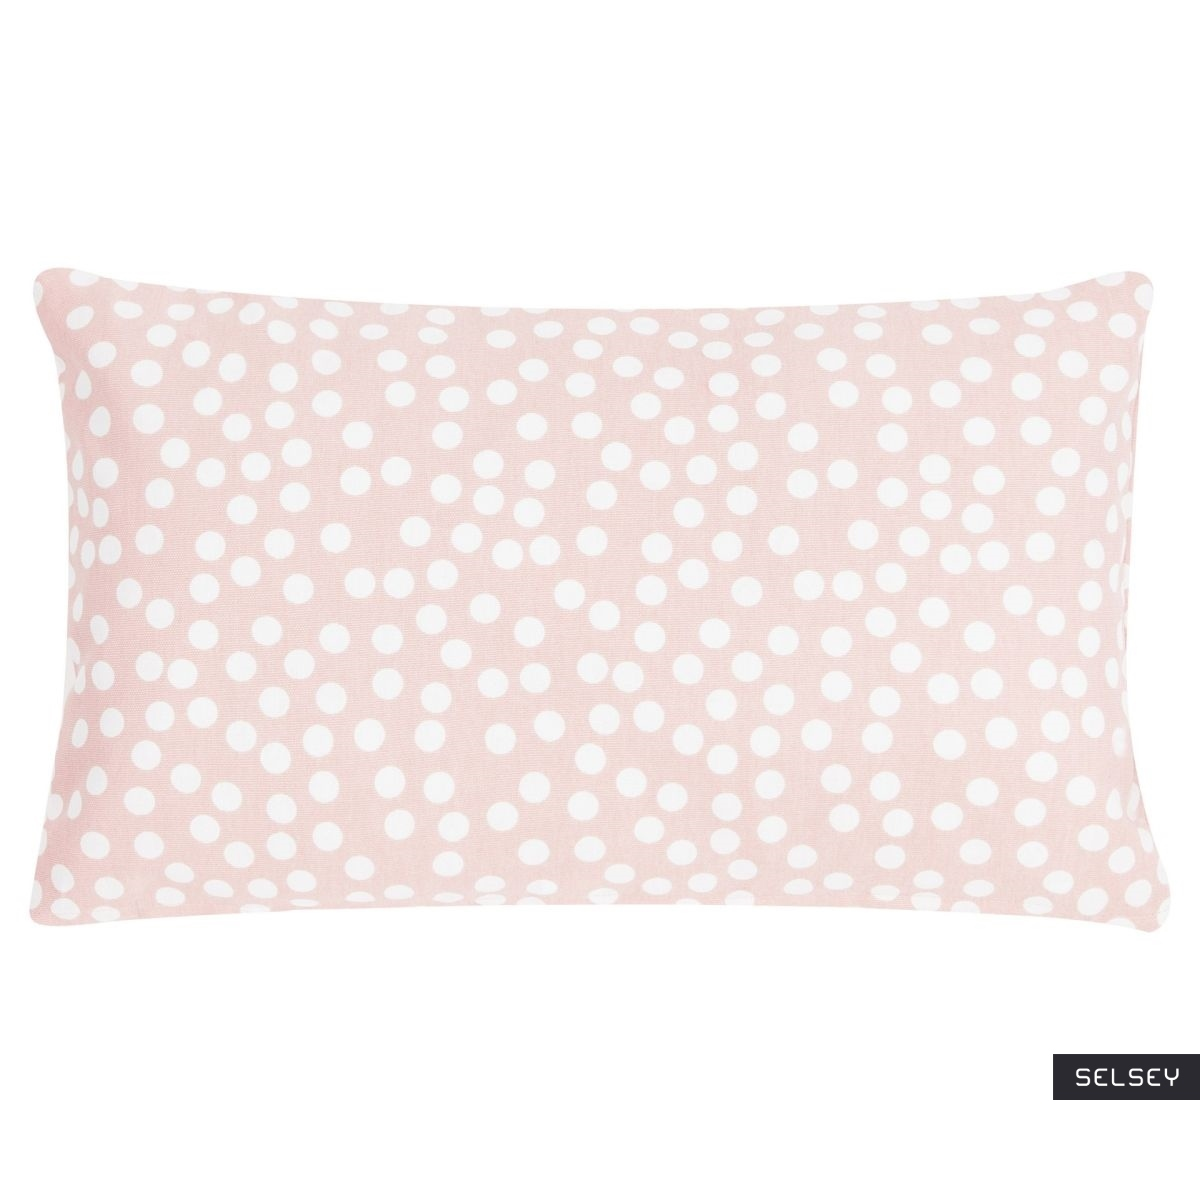 Poduszka z poszewką Allover Dots różowa 30x50 cm